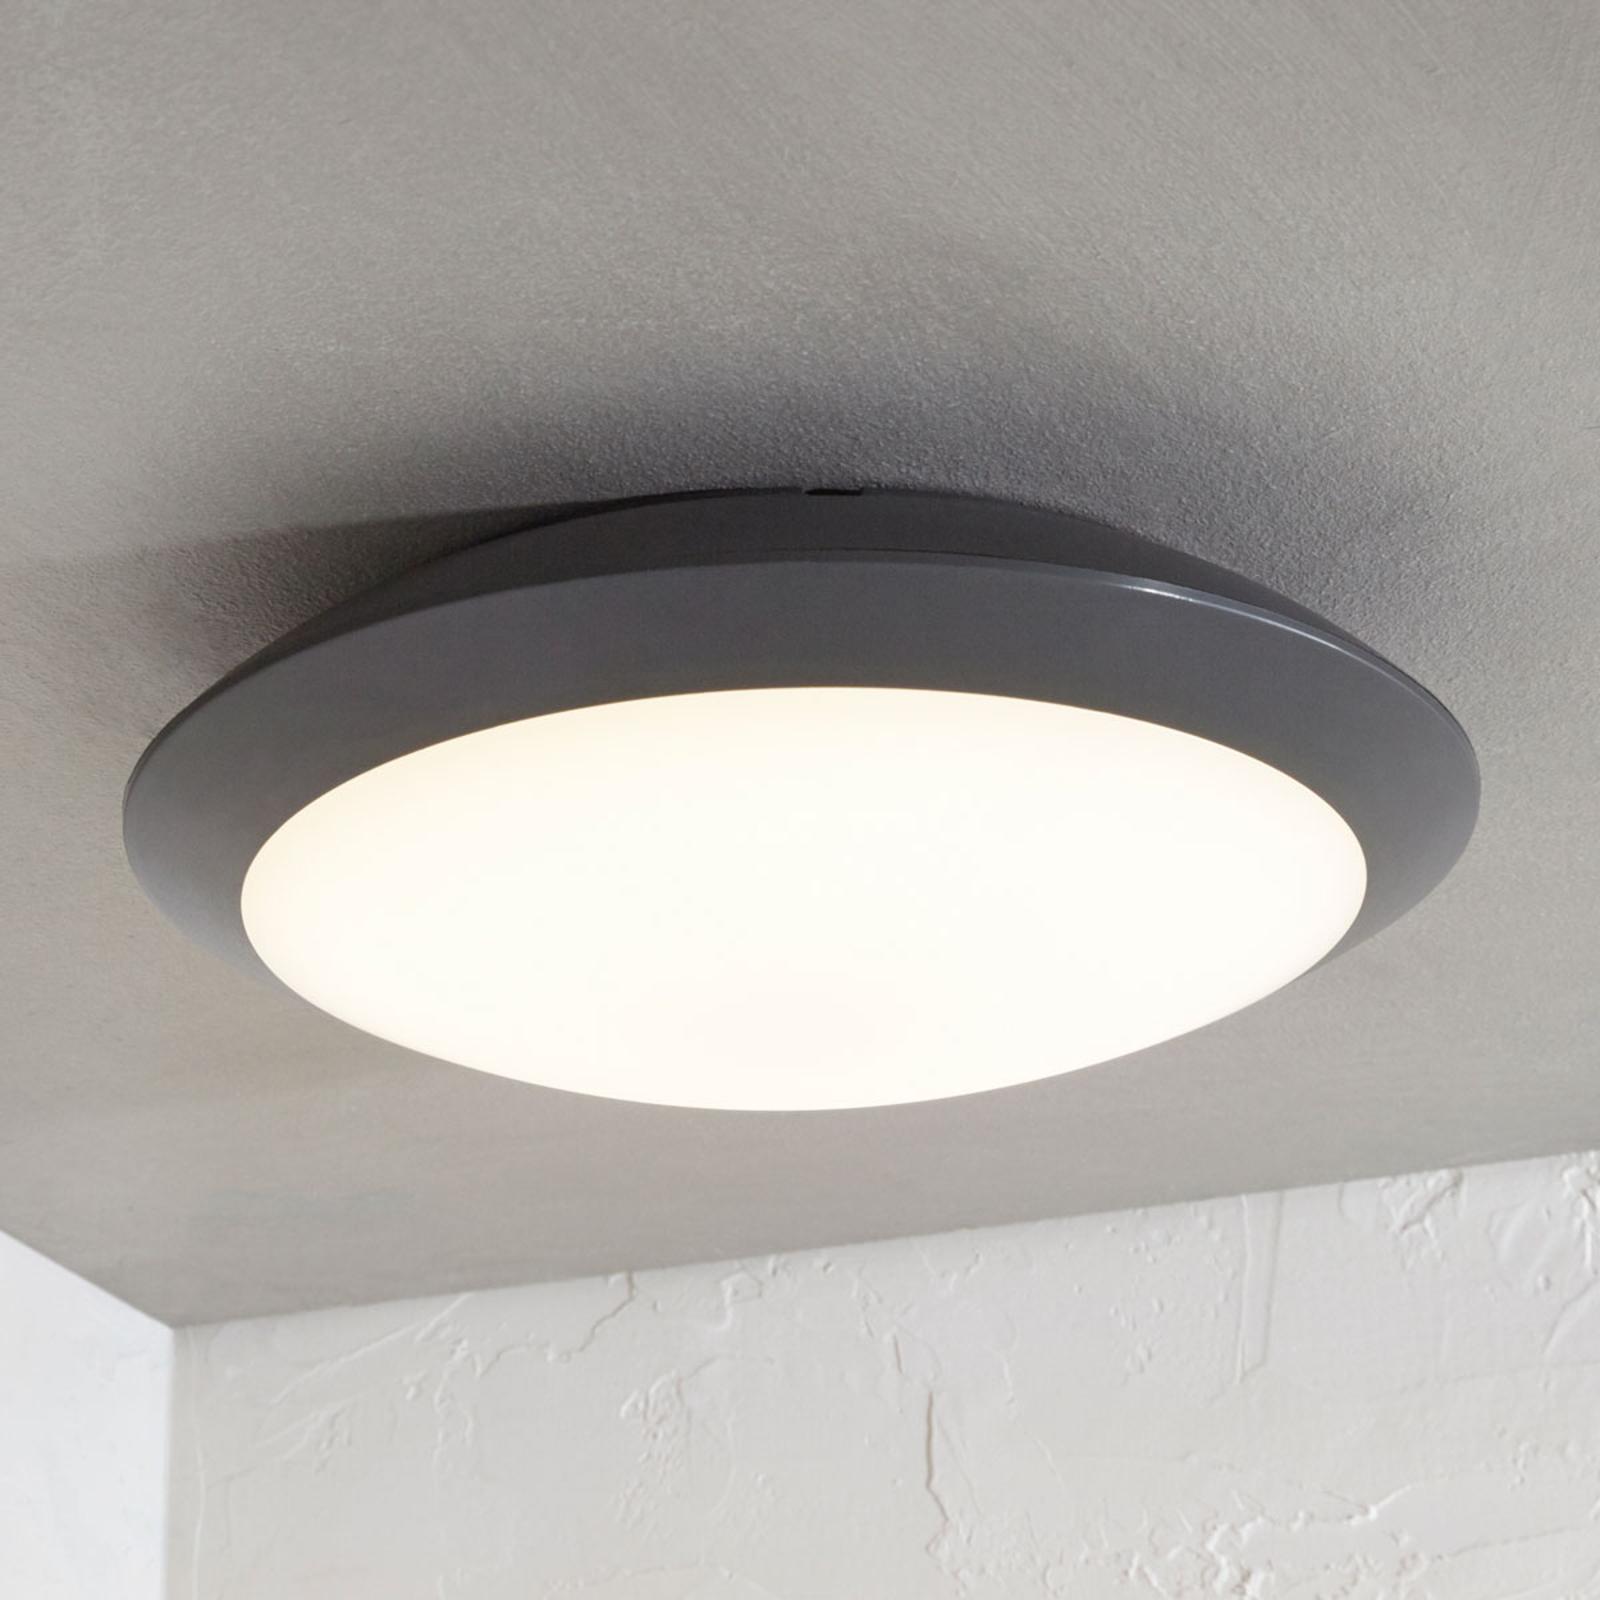 LED-ulkokattovalaisin Naira, harmaa, ei anturia